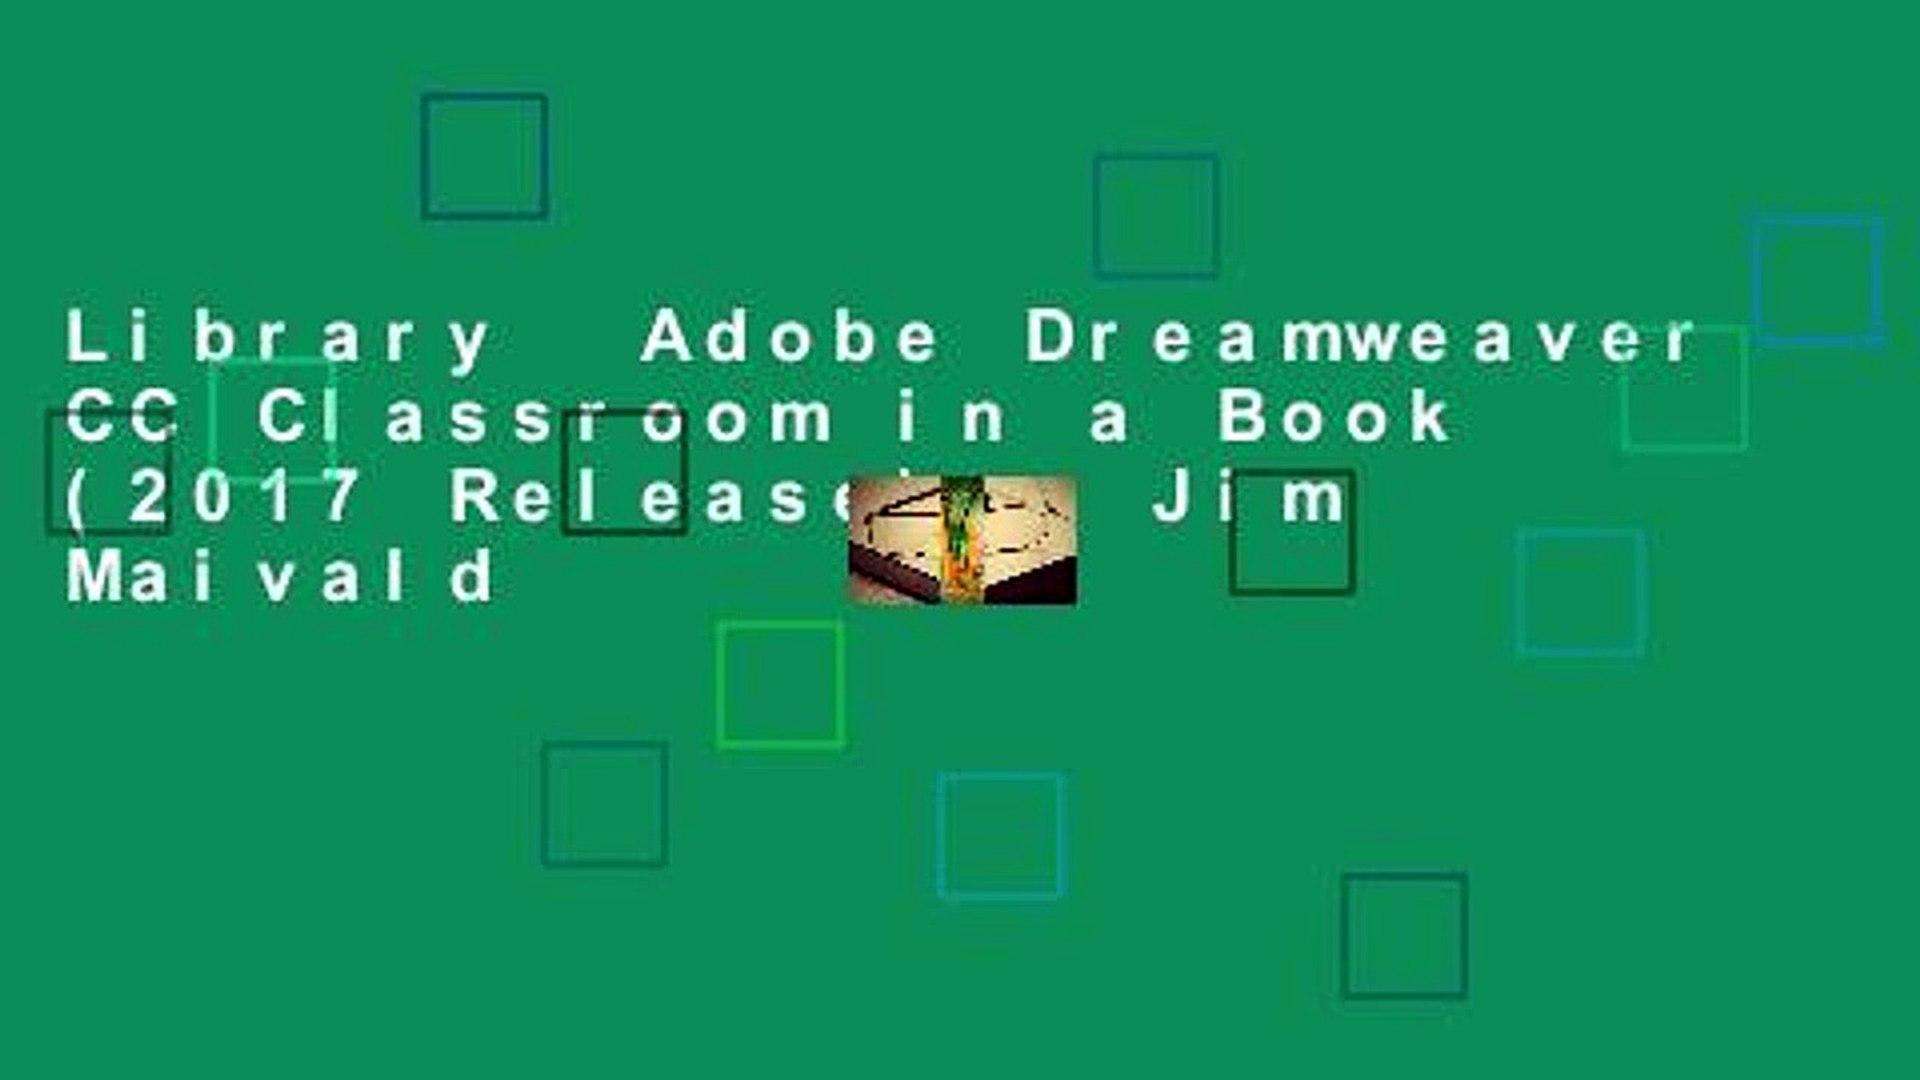 Adobe Dreamweaver CC Classroom in a Book 2017 release